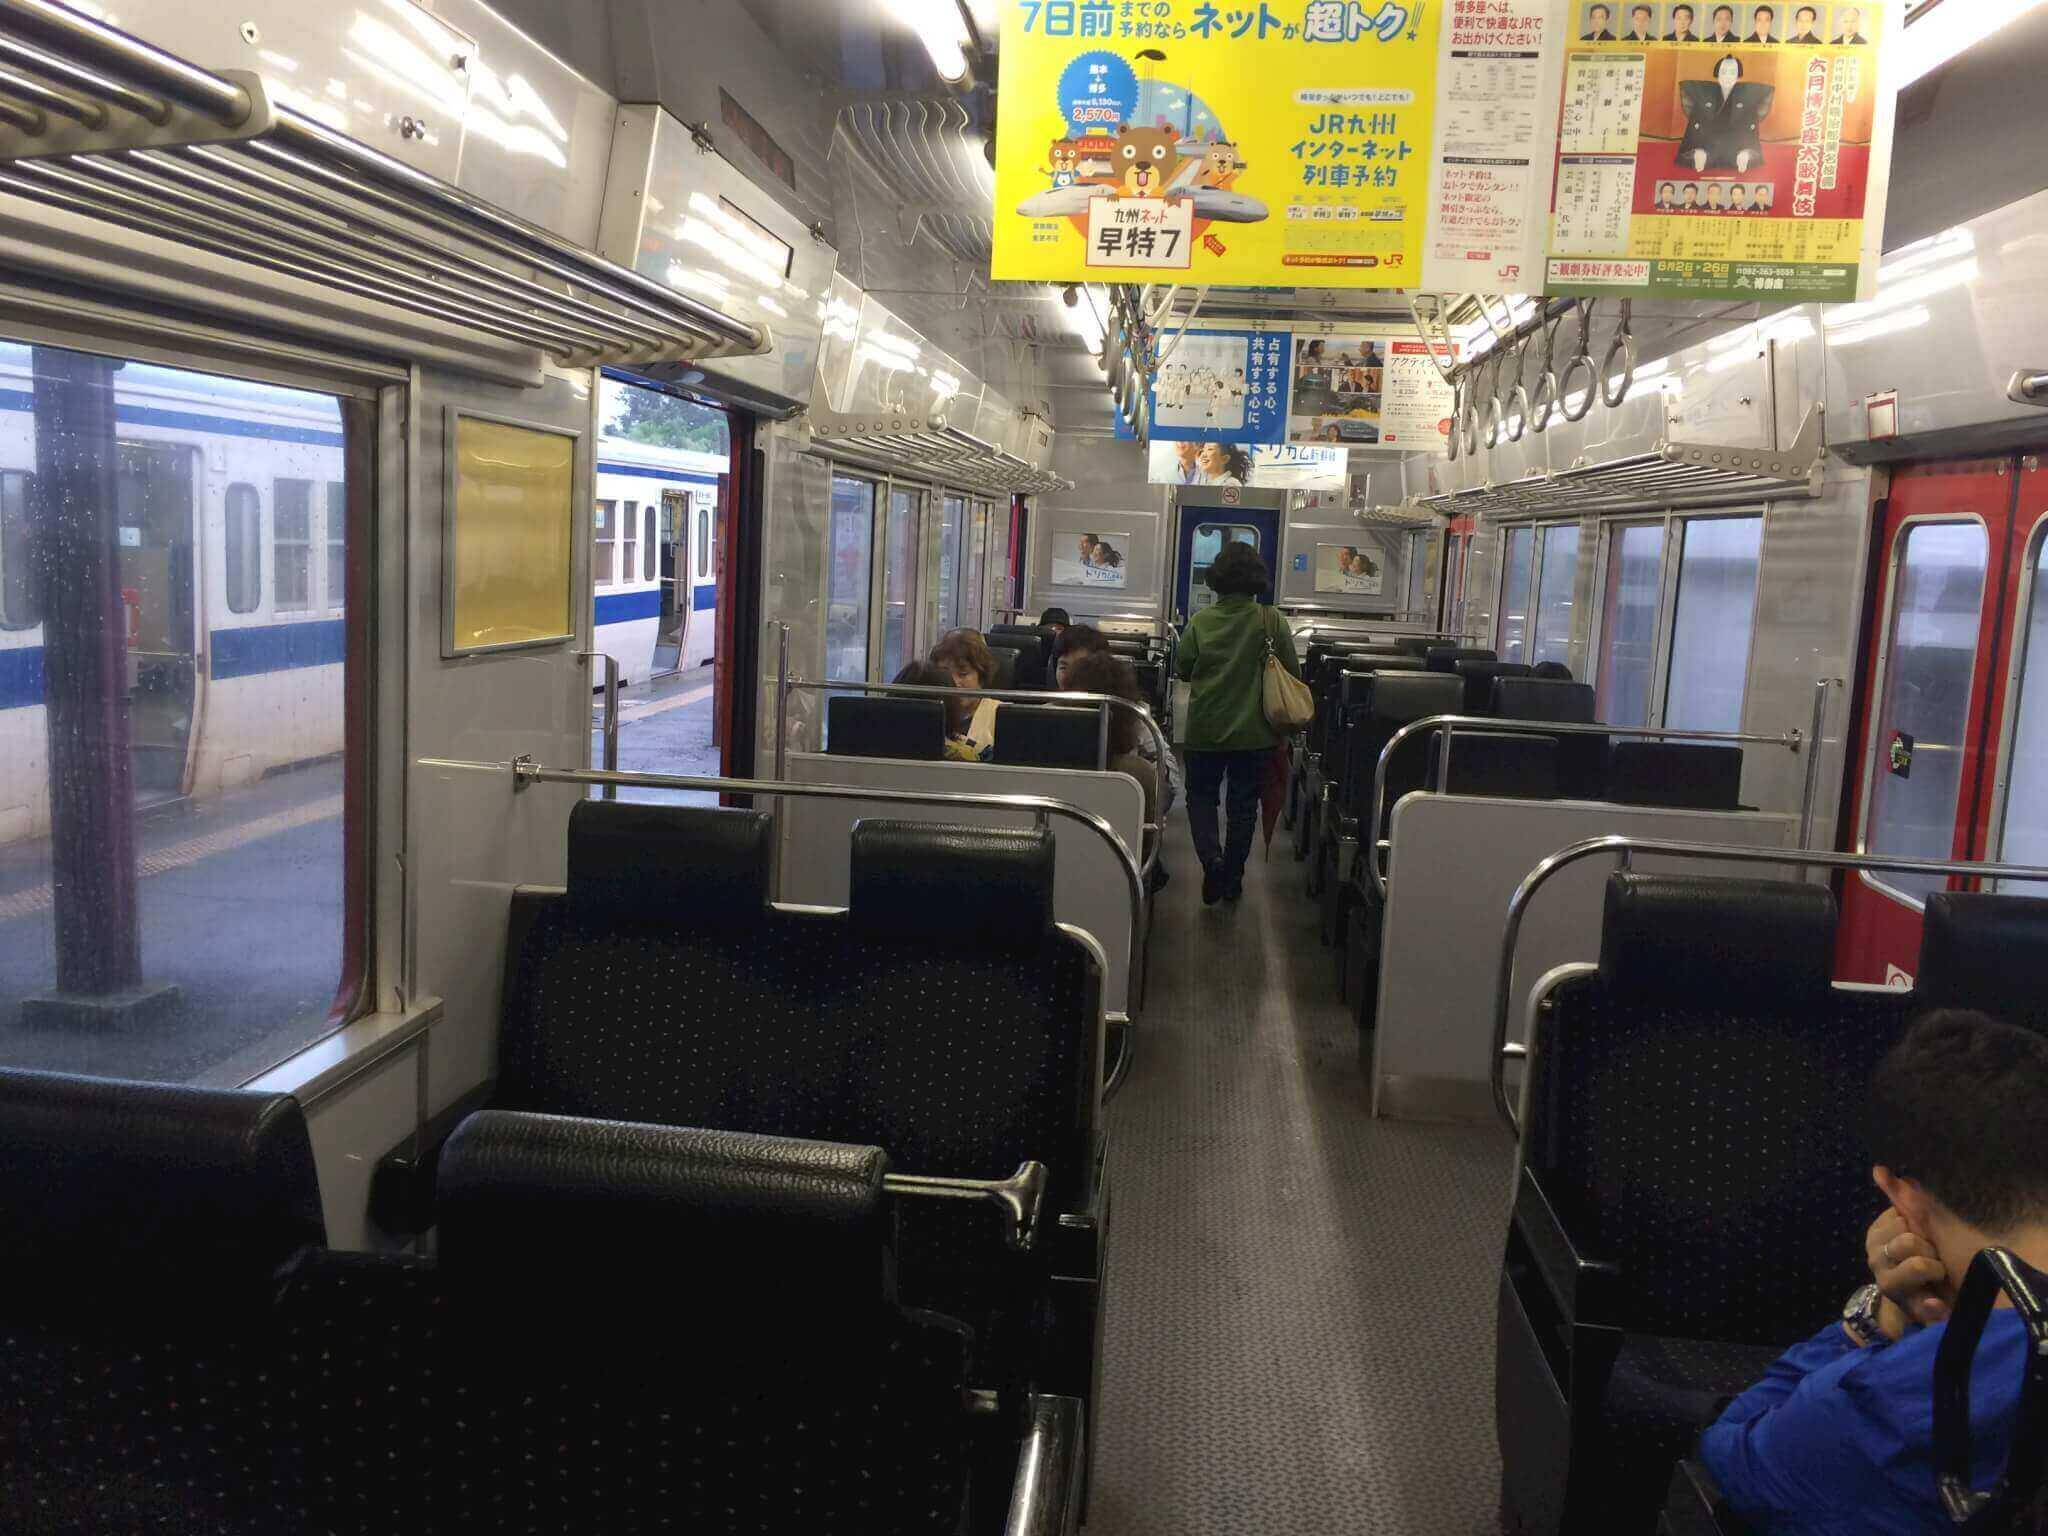 熊本駅へ向かう車内の様子